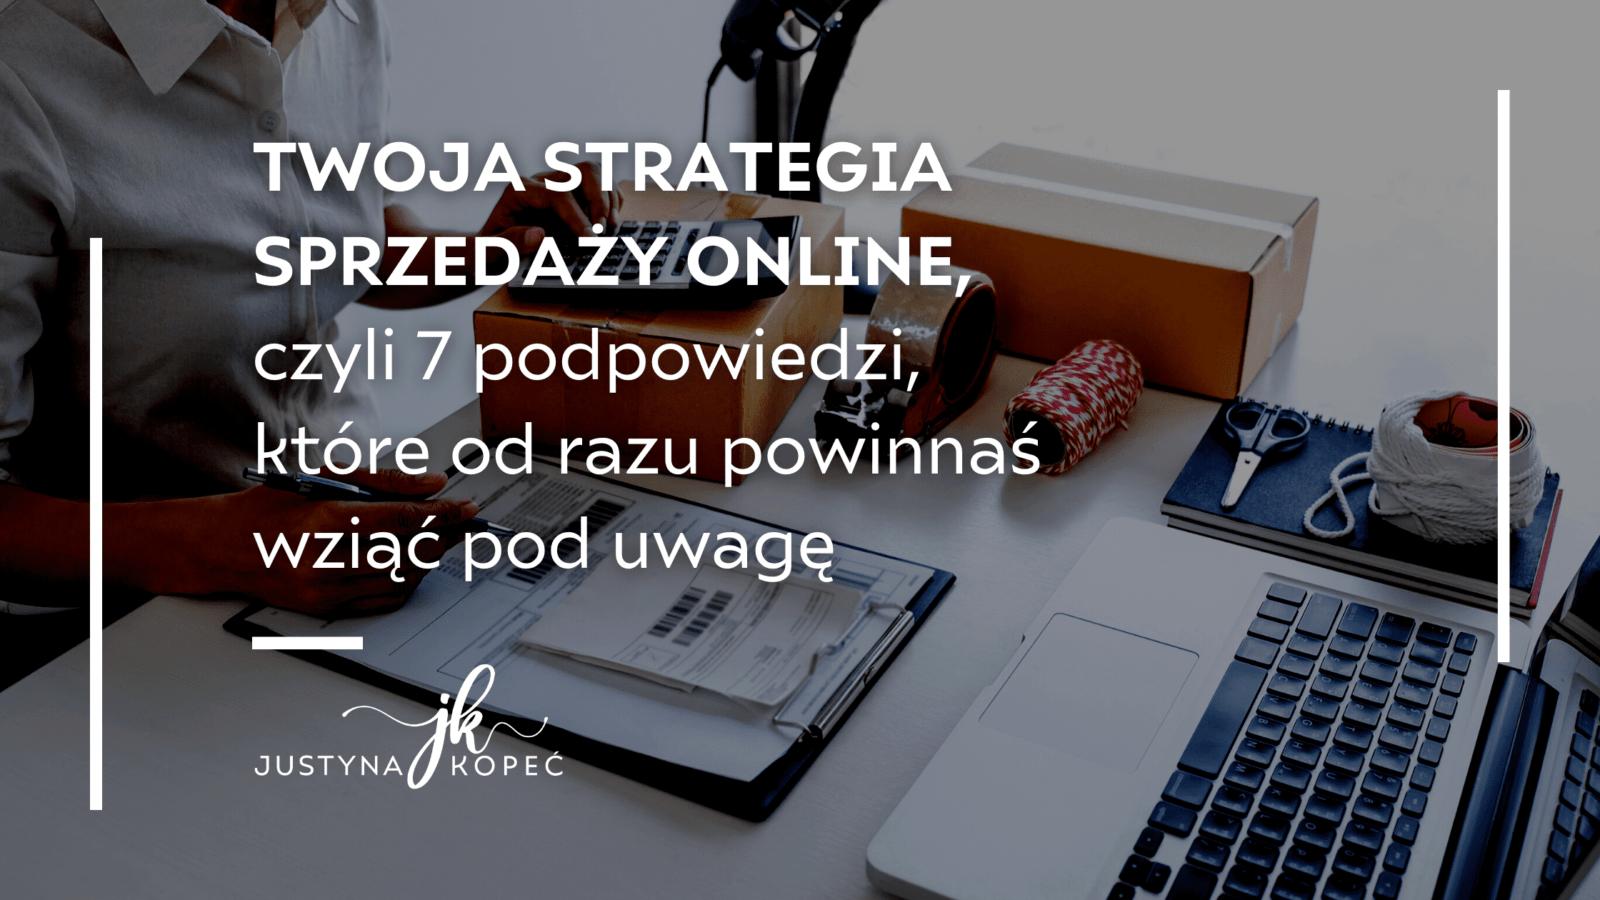 Twoja strategia sprzedaży online, czyli 7 podpowiedzi, które odrazu powinnaś wziąć poduwagę